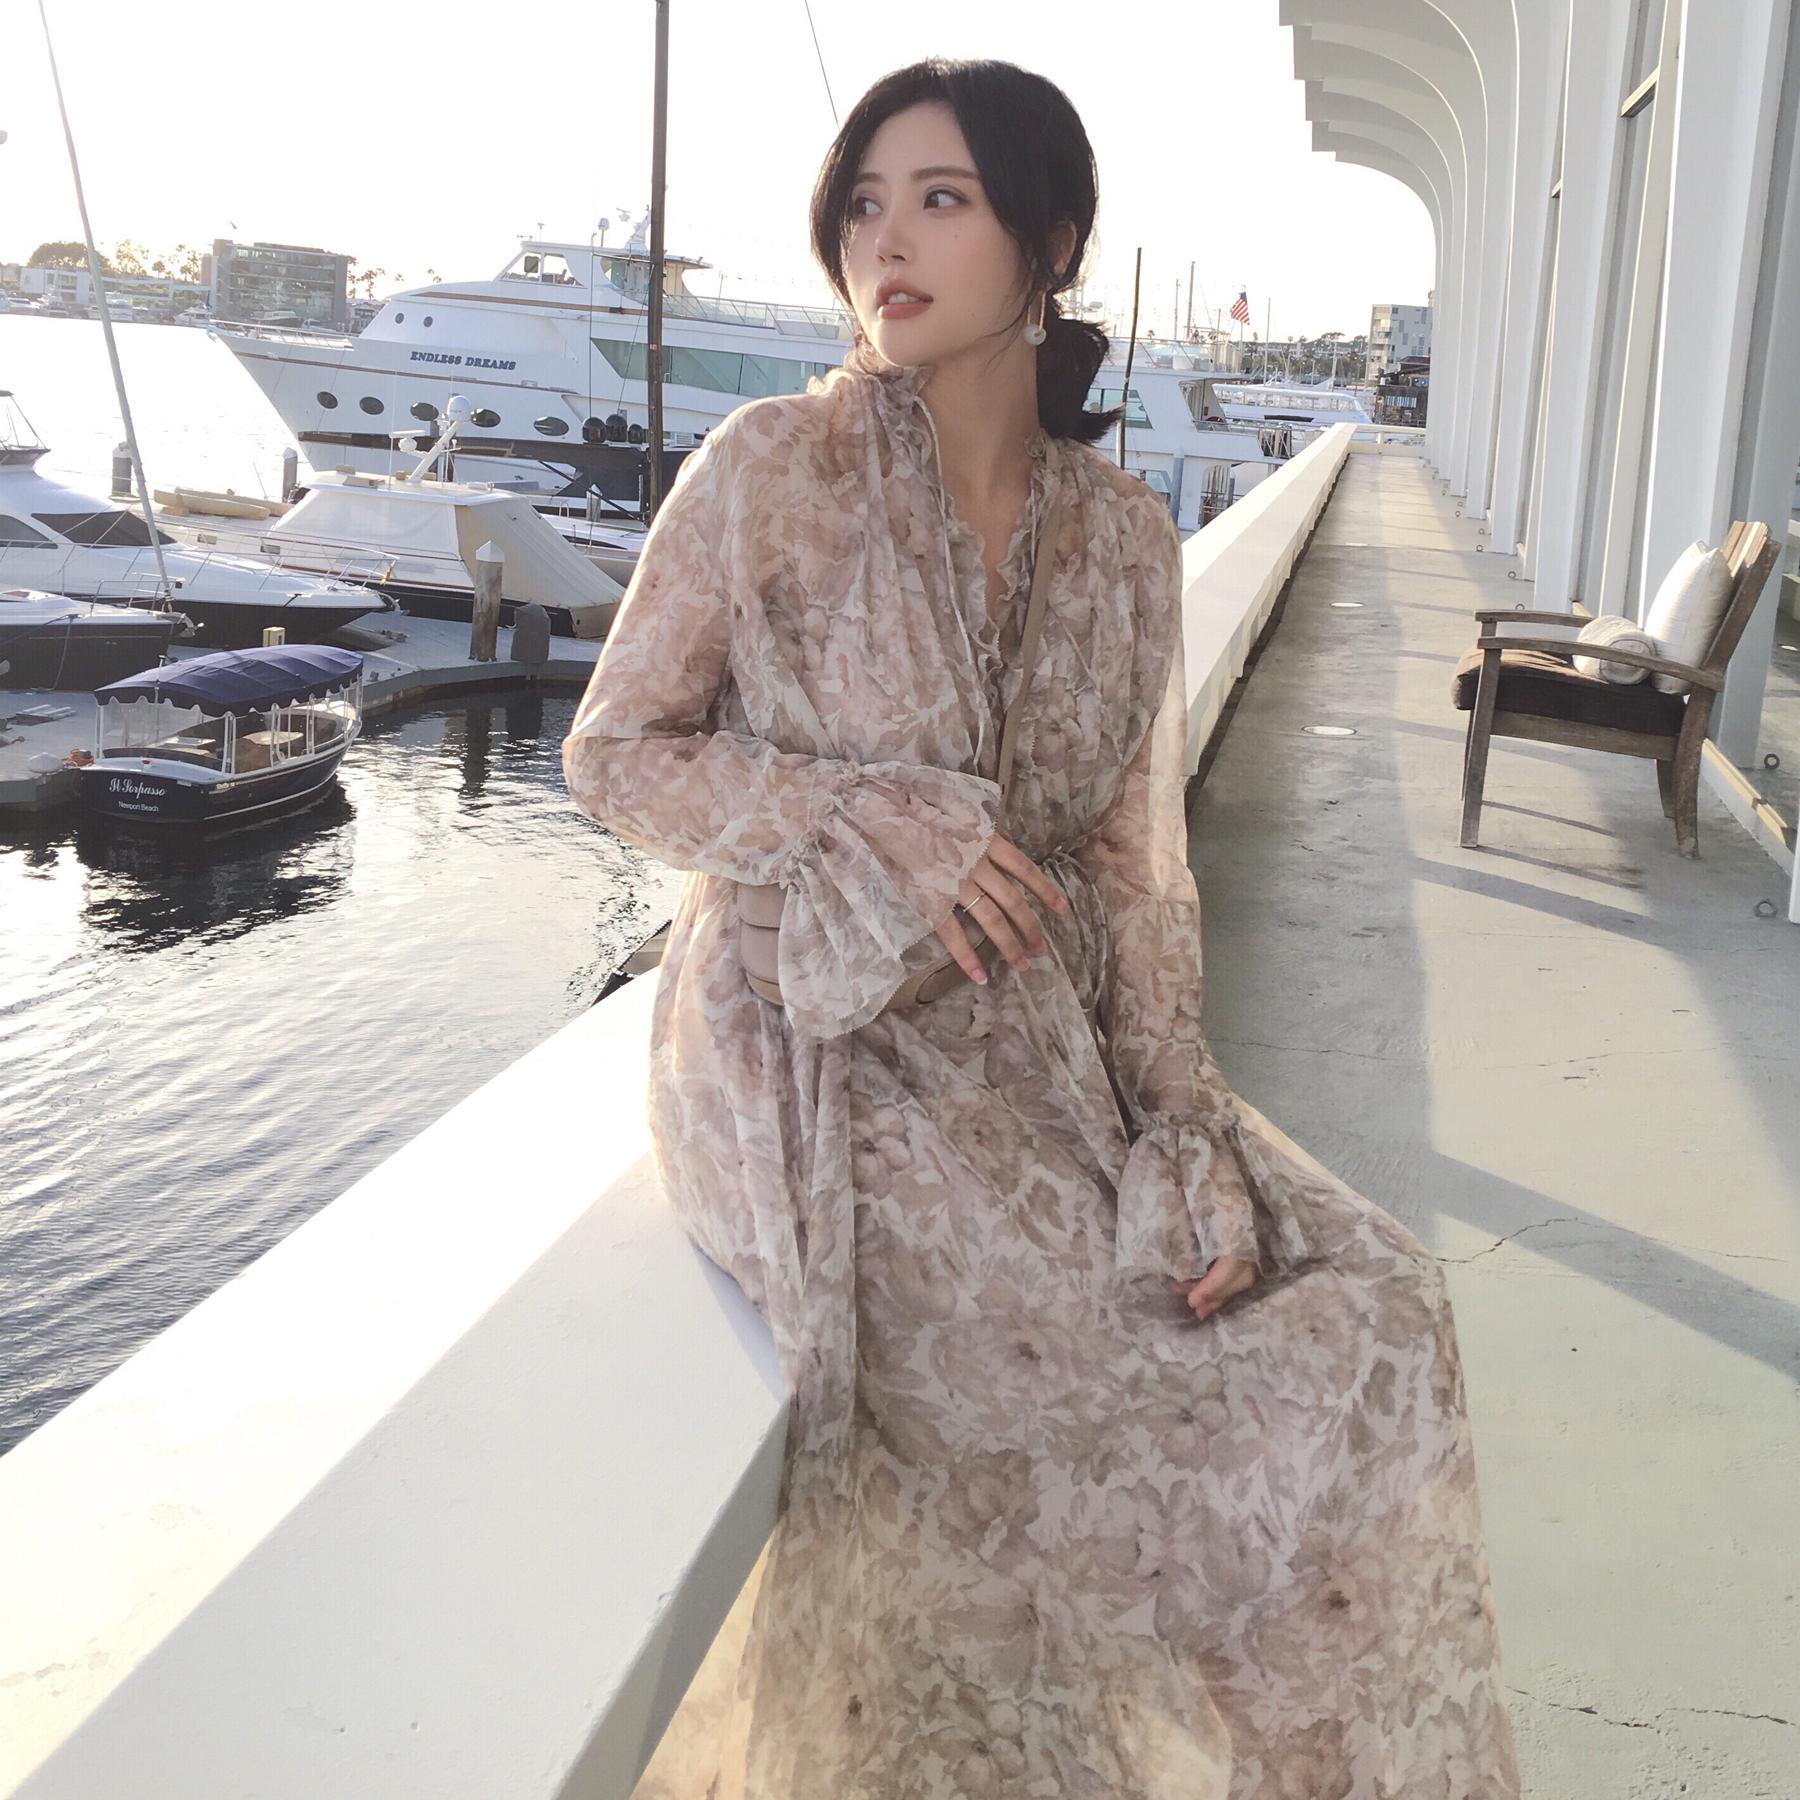 ◆ANNA◆2018春夏新款印花长袖连衣裙碎花荷叶边超长款裙子女长裙